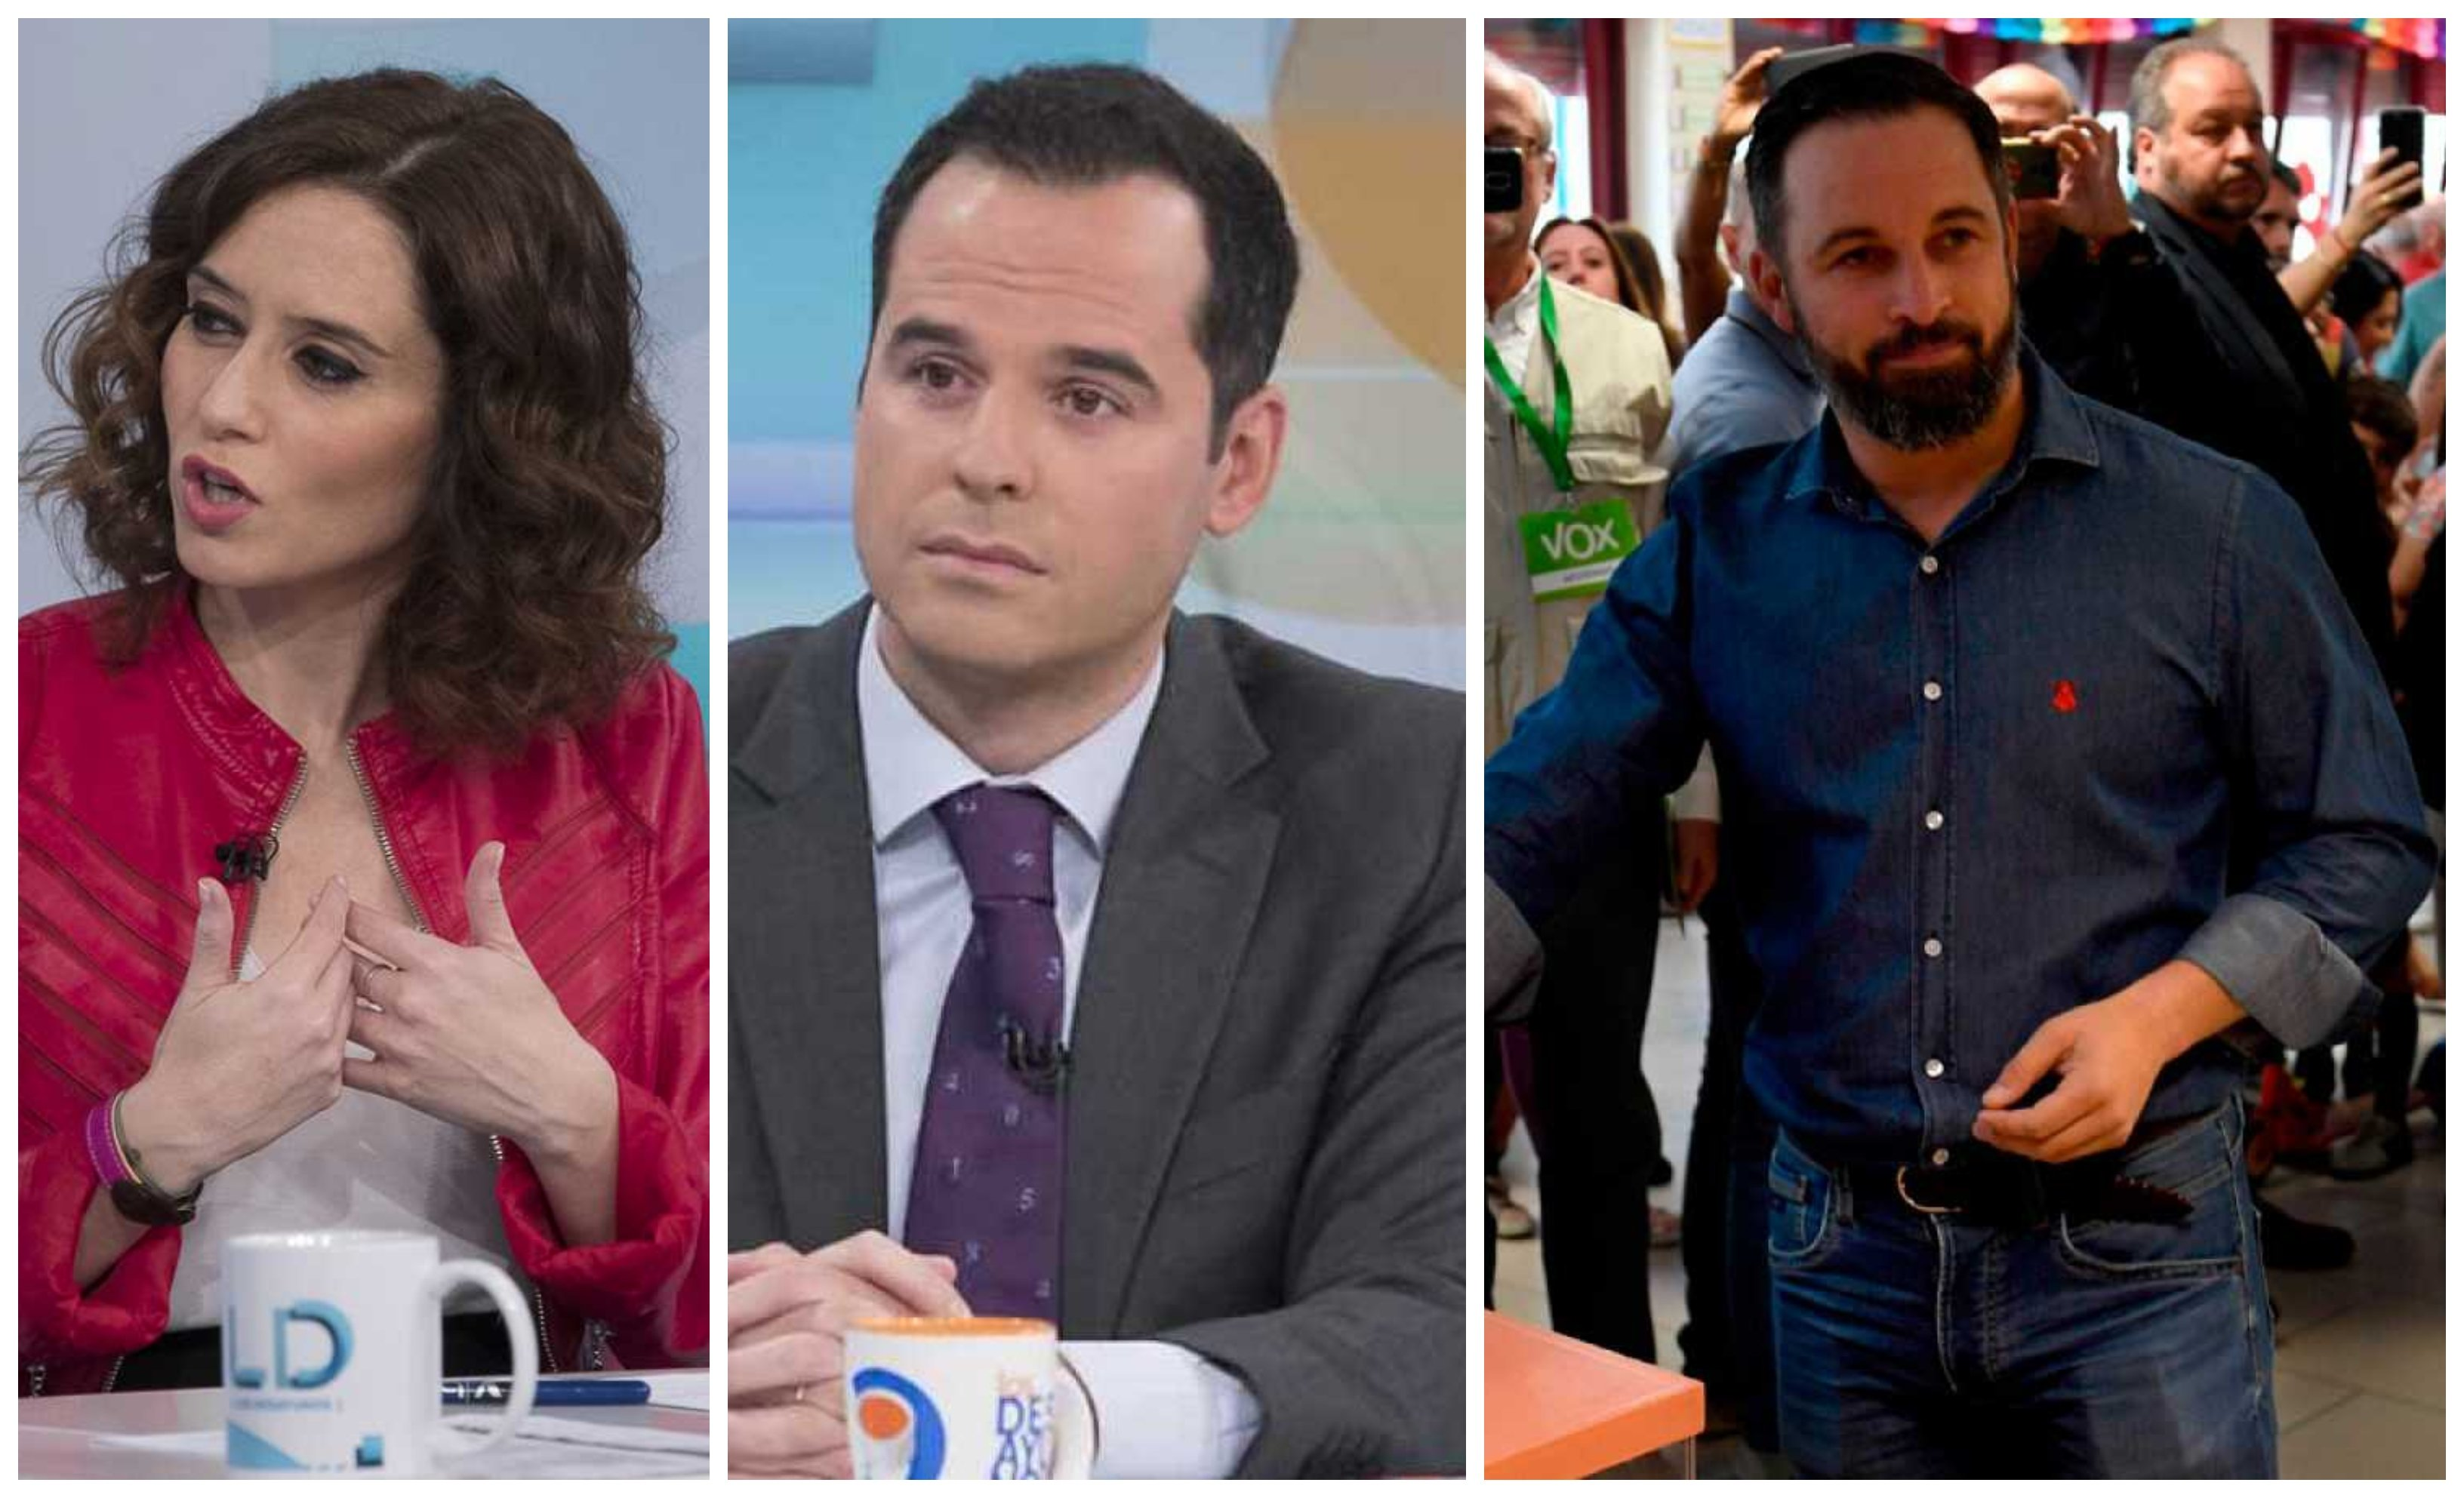 La derecha española en busca de sentido